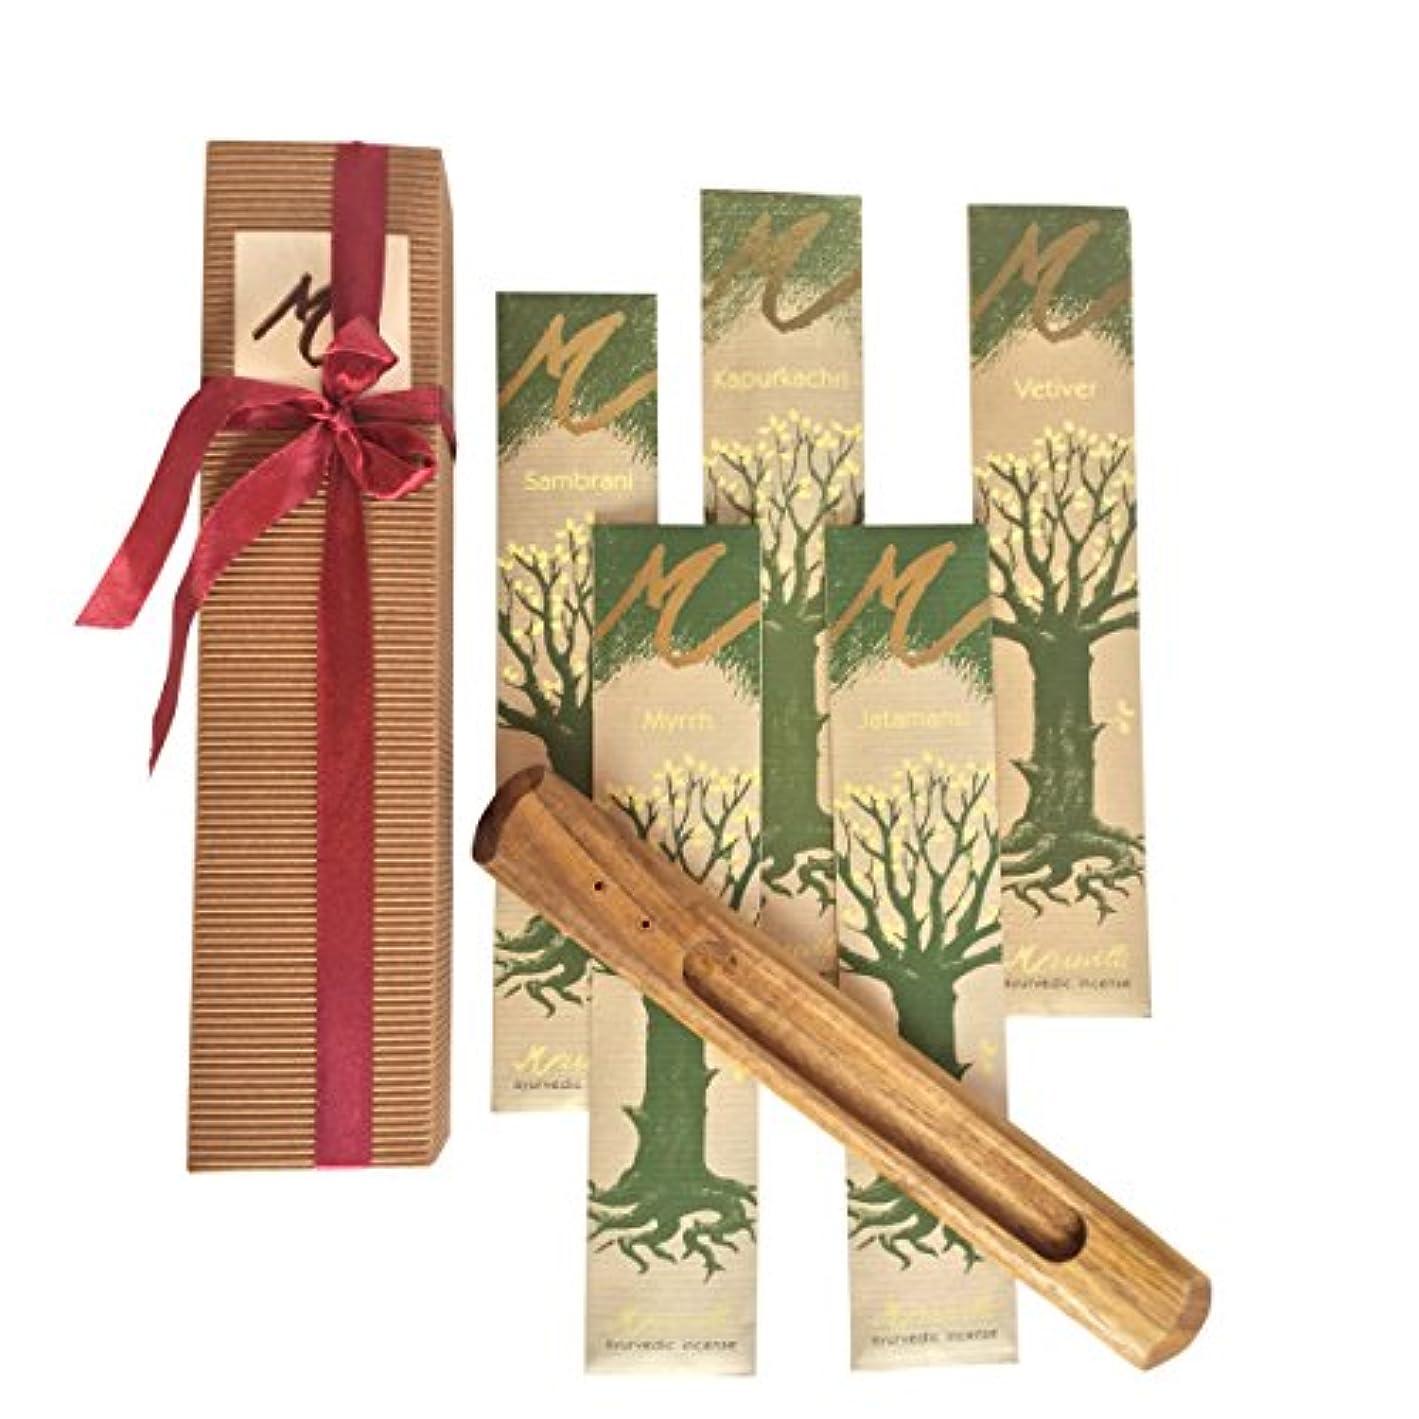 麻痺英語の授業があります無謀プレミアムIncense Sticks , Ayurvedic Aromaticお香ギフトセットボックスには5種類のお香( Jatamansi、kapurkachuri、Myrrh、ベチバー、Sambrani )と木製スティックホルダー。GREAT GIFT IDEA